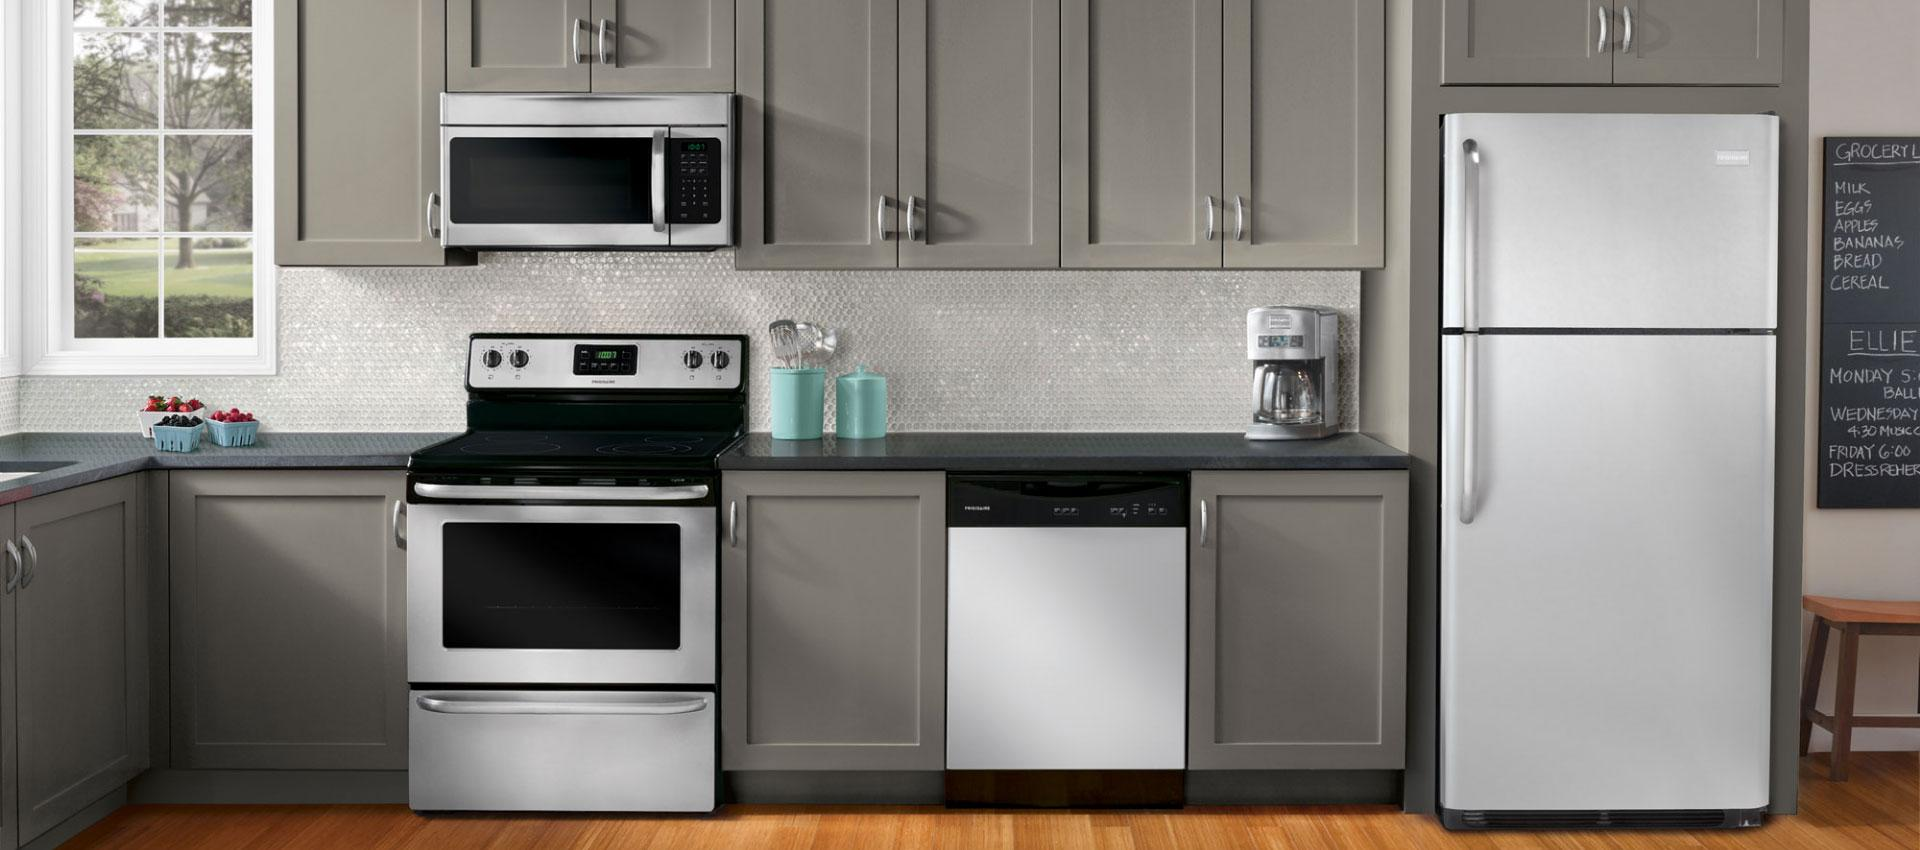 Lees Appliance Repair Denver